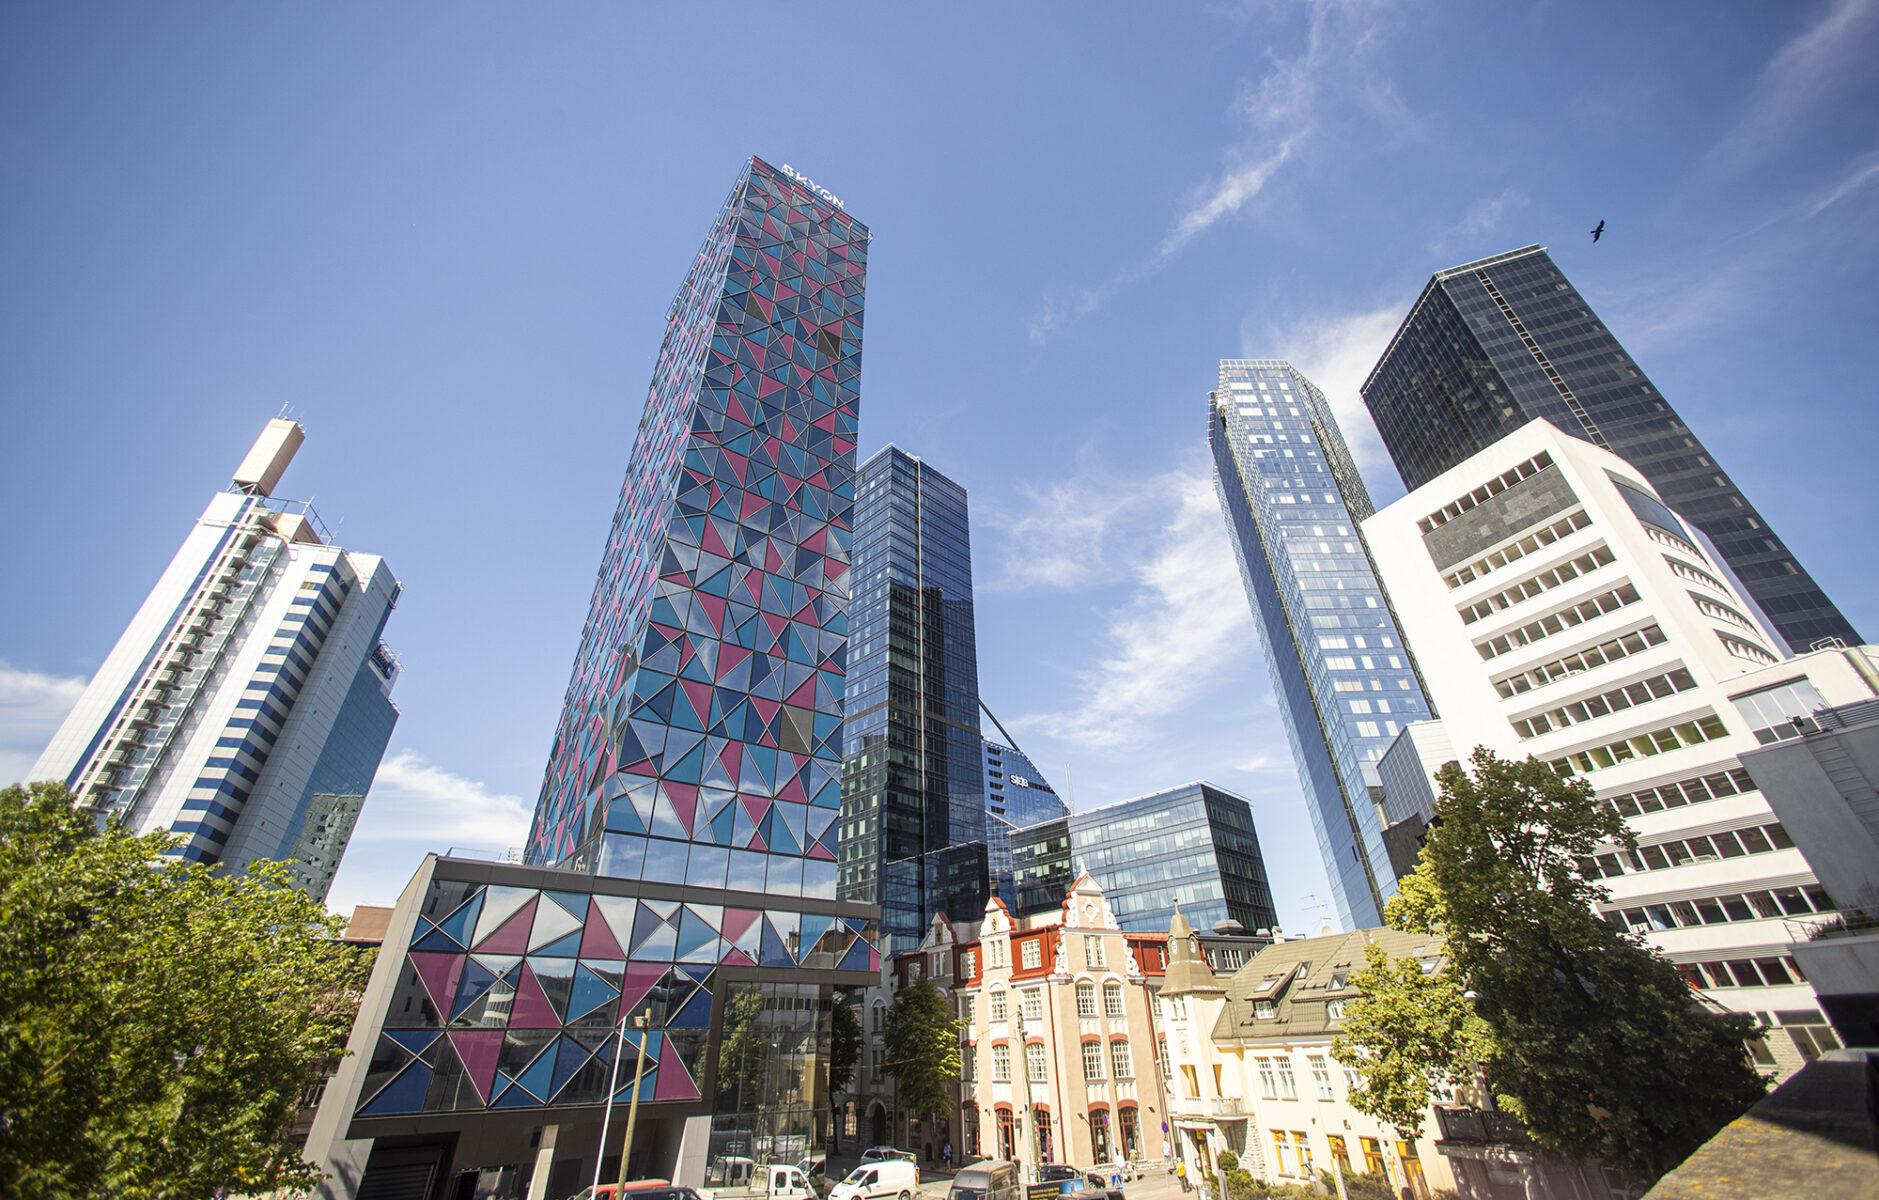 Tallinnan Kesklinnan alue kasvaa nopeasti. Maisemaa hallitsevat uudet pilvenpiirtäjät.